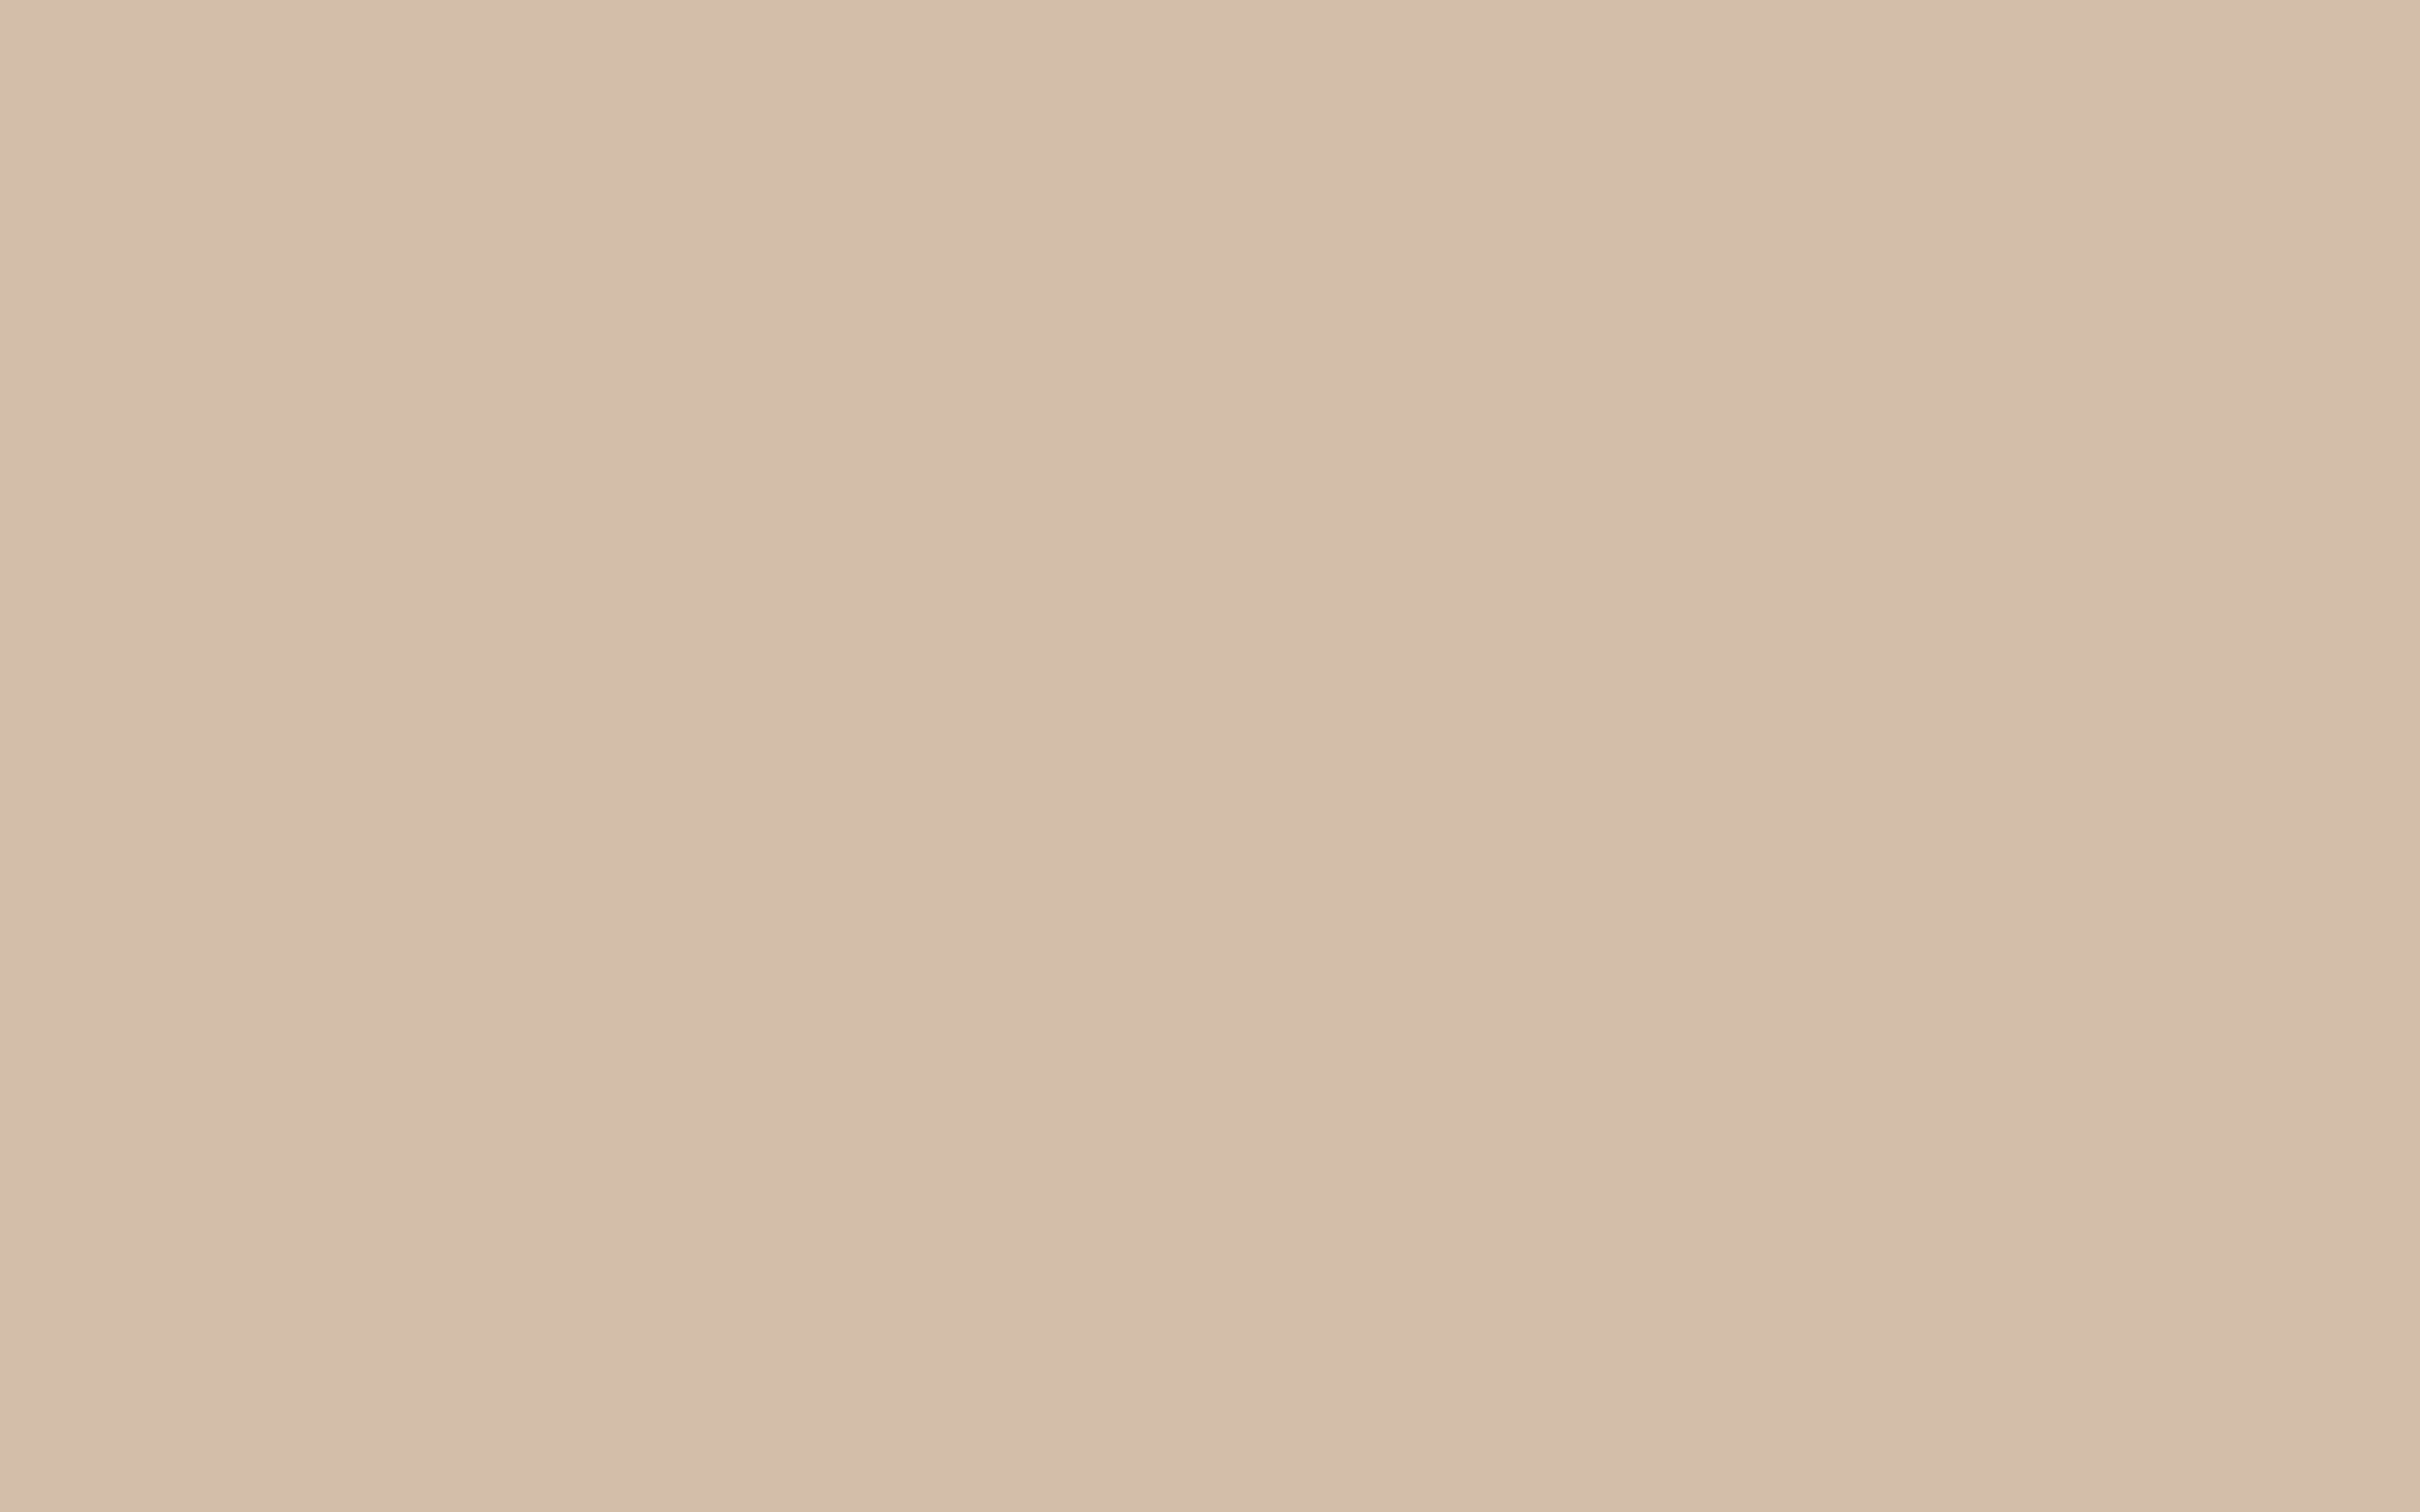 2560x1600 Dark Vanilla Solid Color Background